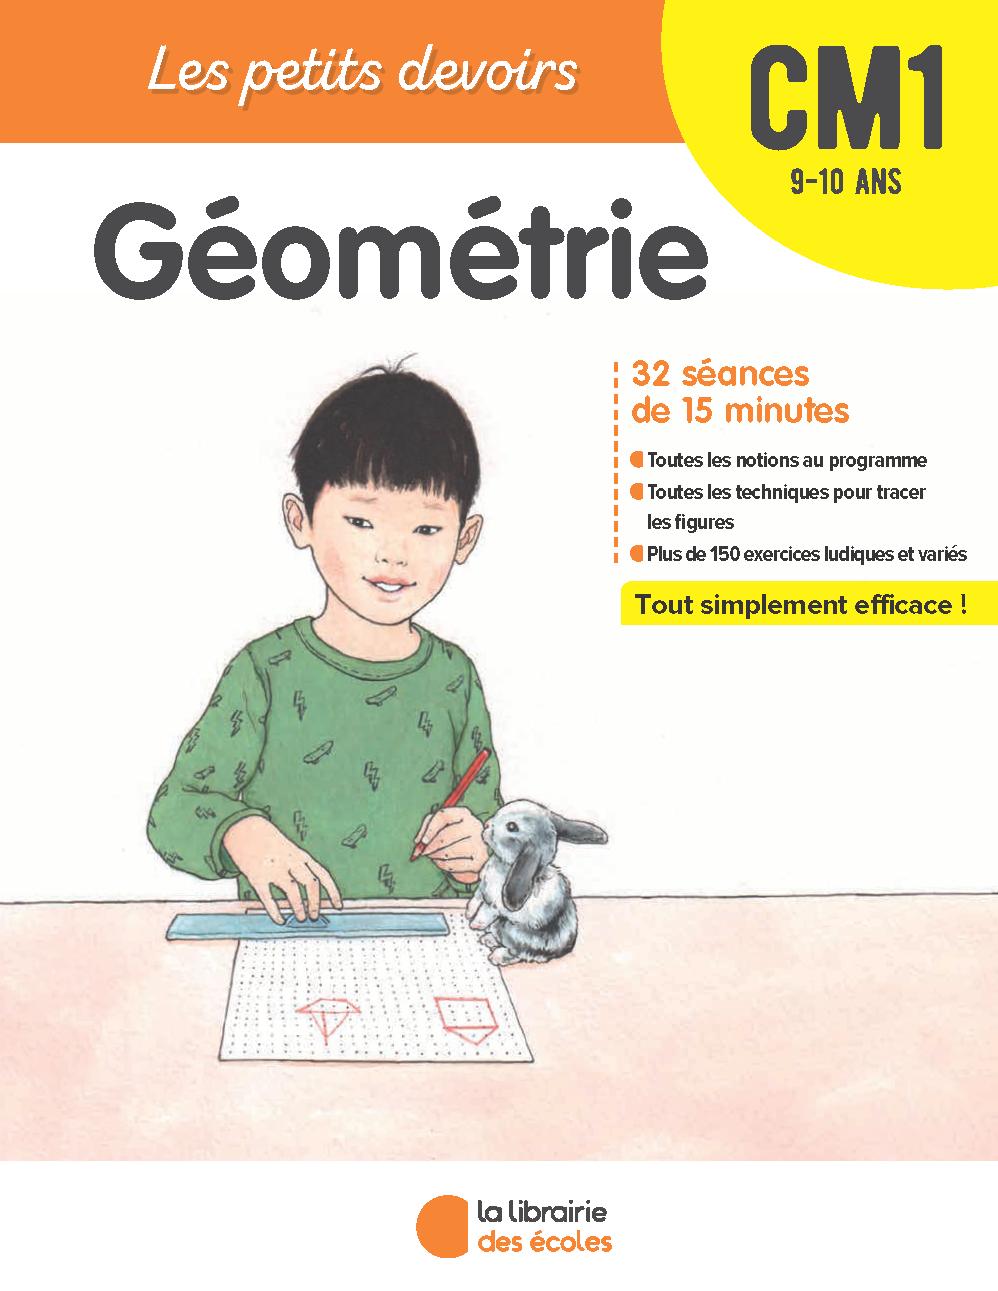 Les petits devoirs - Géométrie CM1